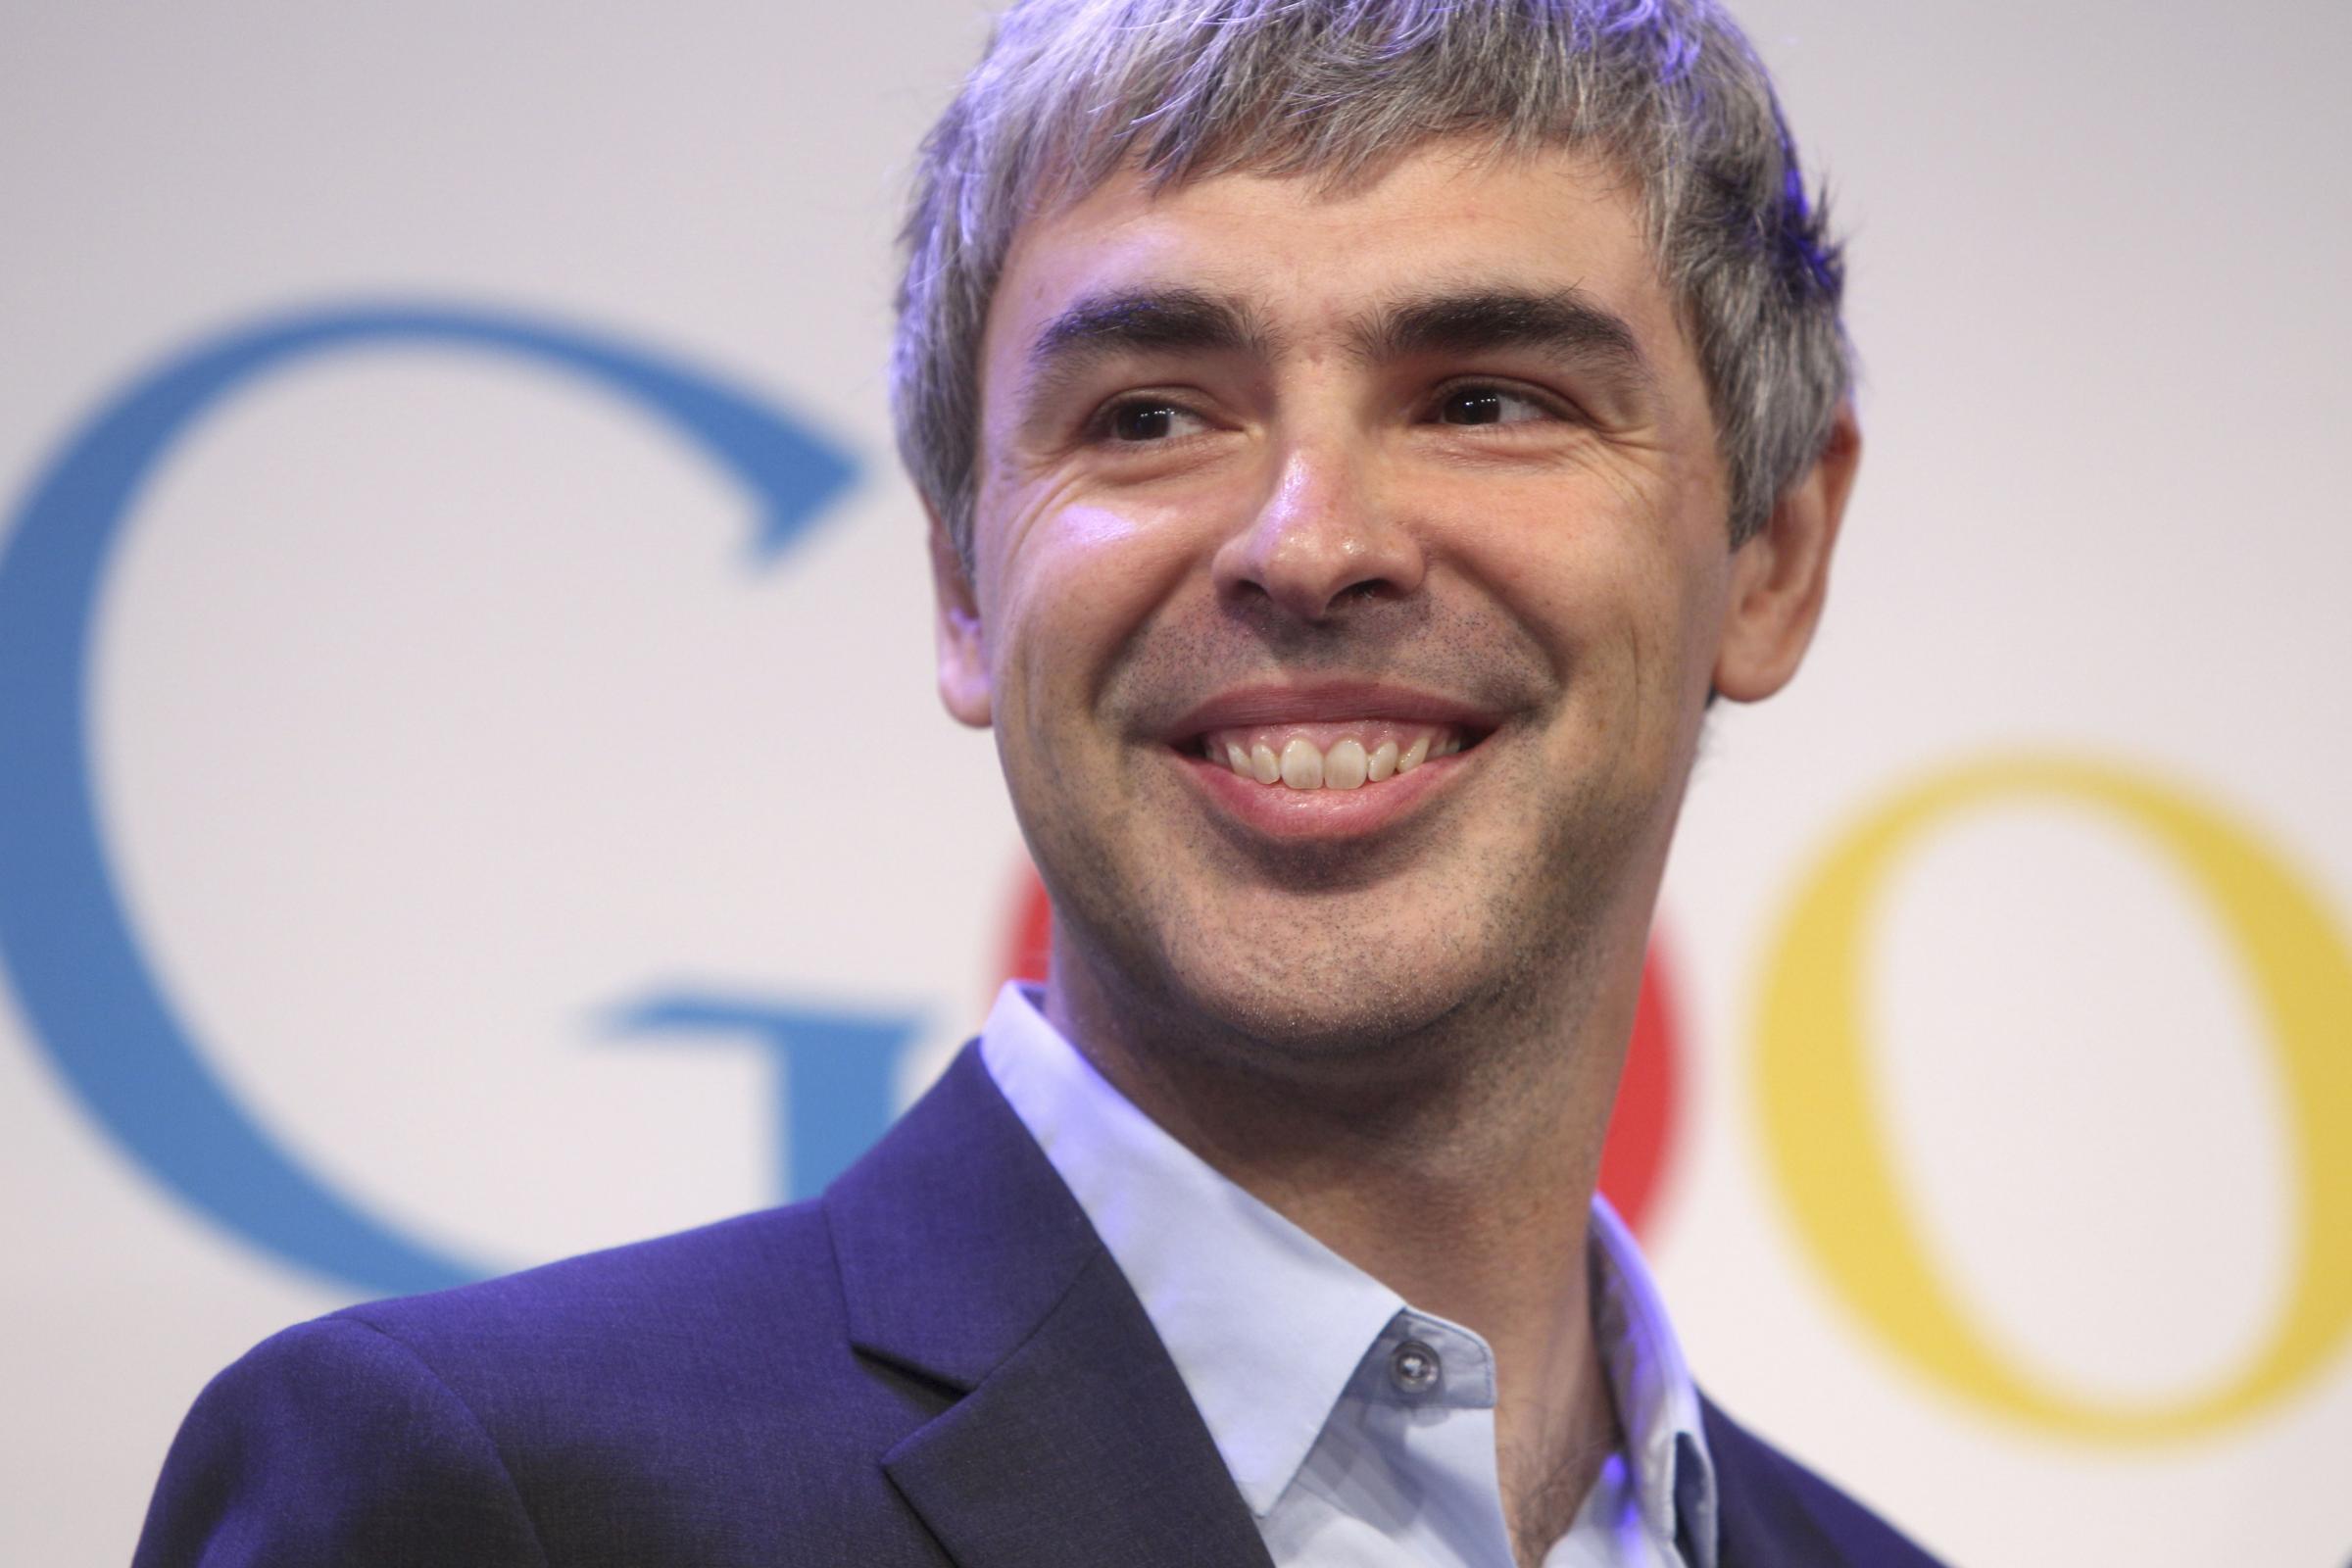 Conferenza stampa di Larry Page, CEO e fondatore di Google - larry-page